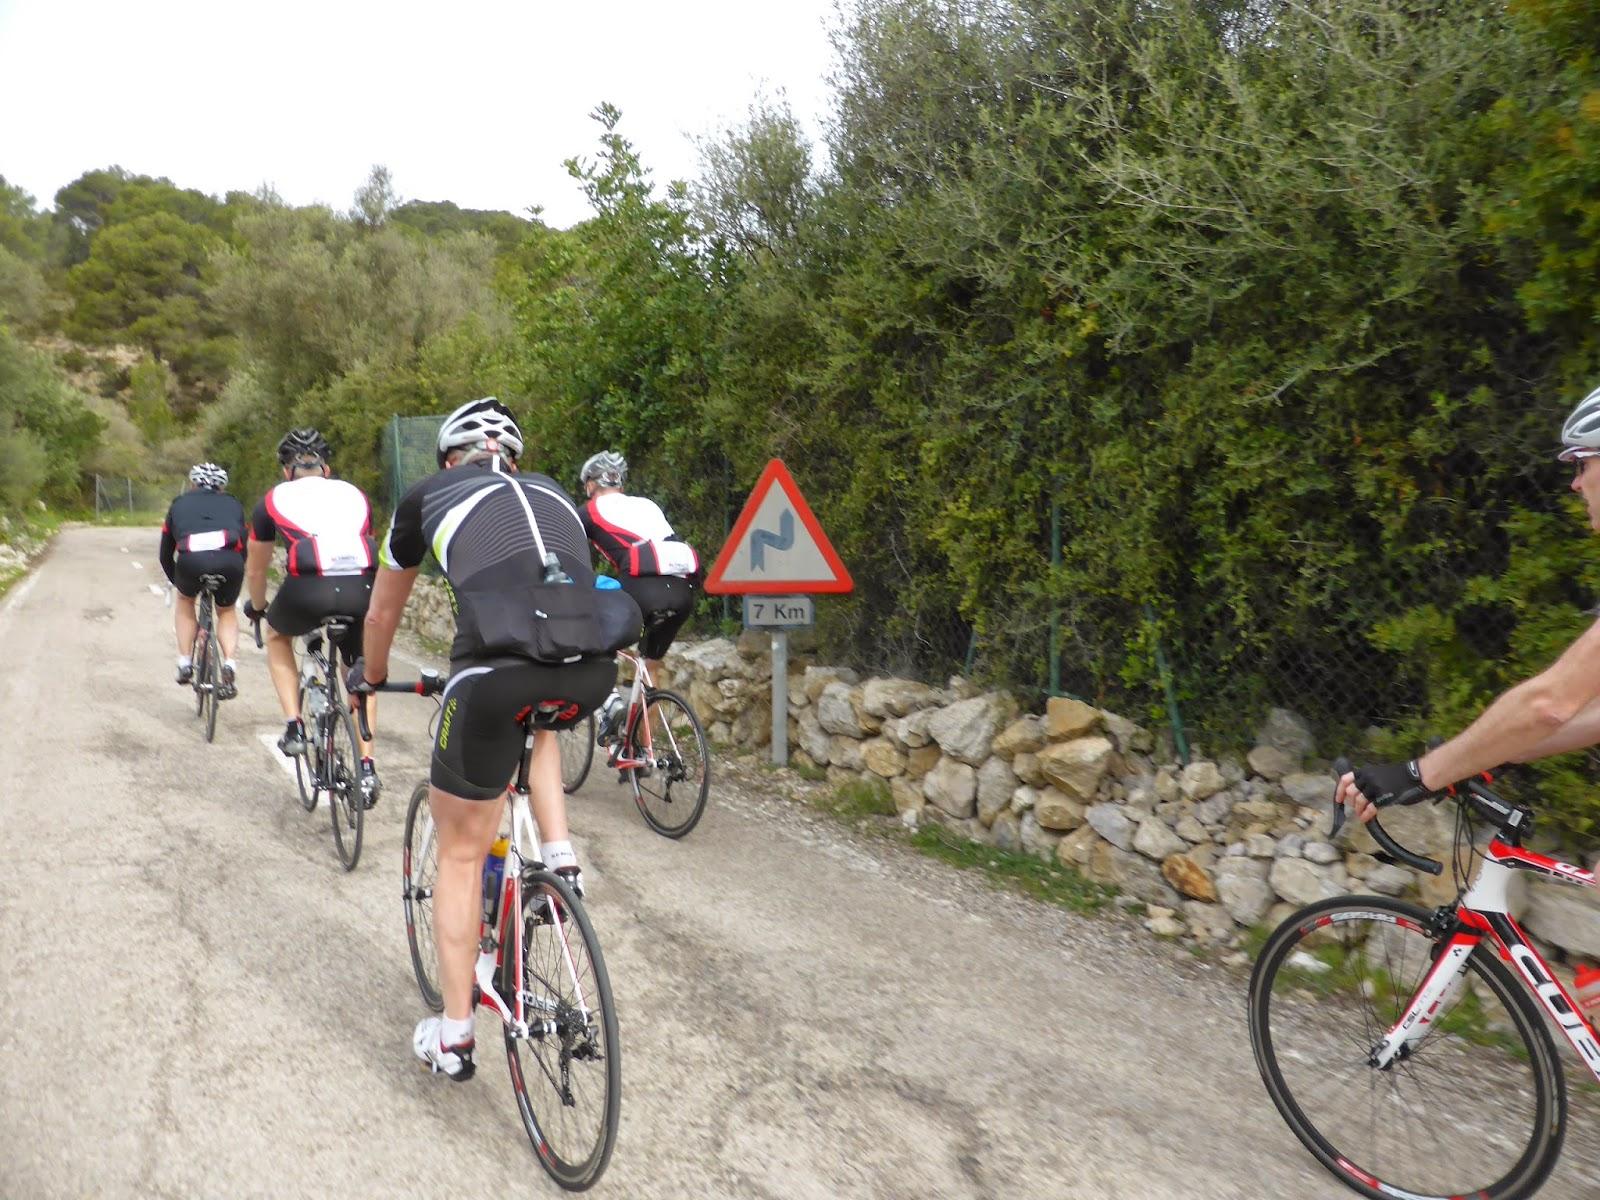 Smuk Tomas - Cykel och livet: Mallorca 2014 - Militärbacken, Valdemossa NT-91